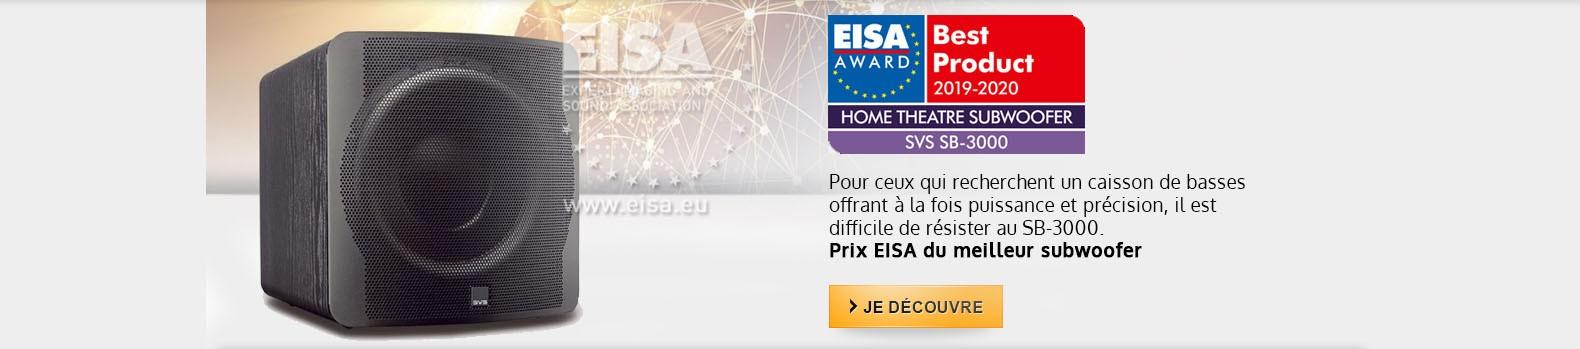 Le SVS SB-3000 obtient le prix EISA du meilleur subwoofer